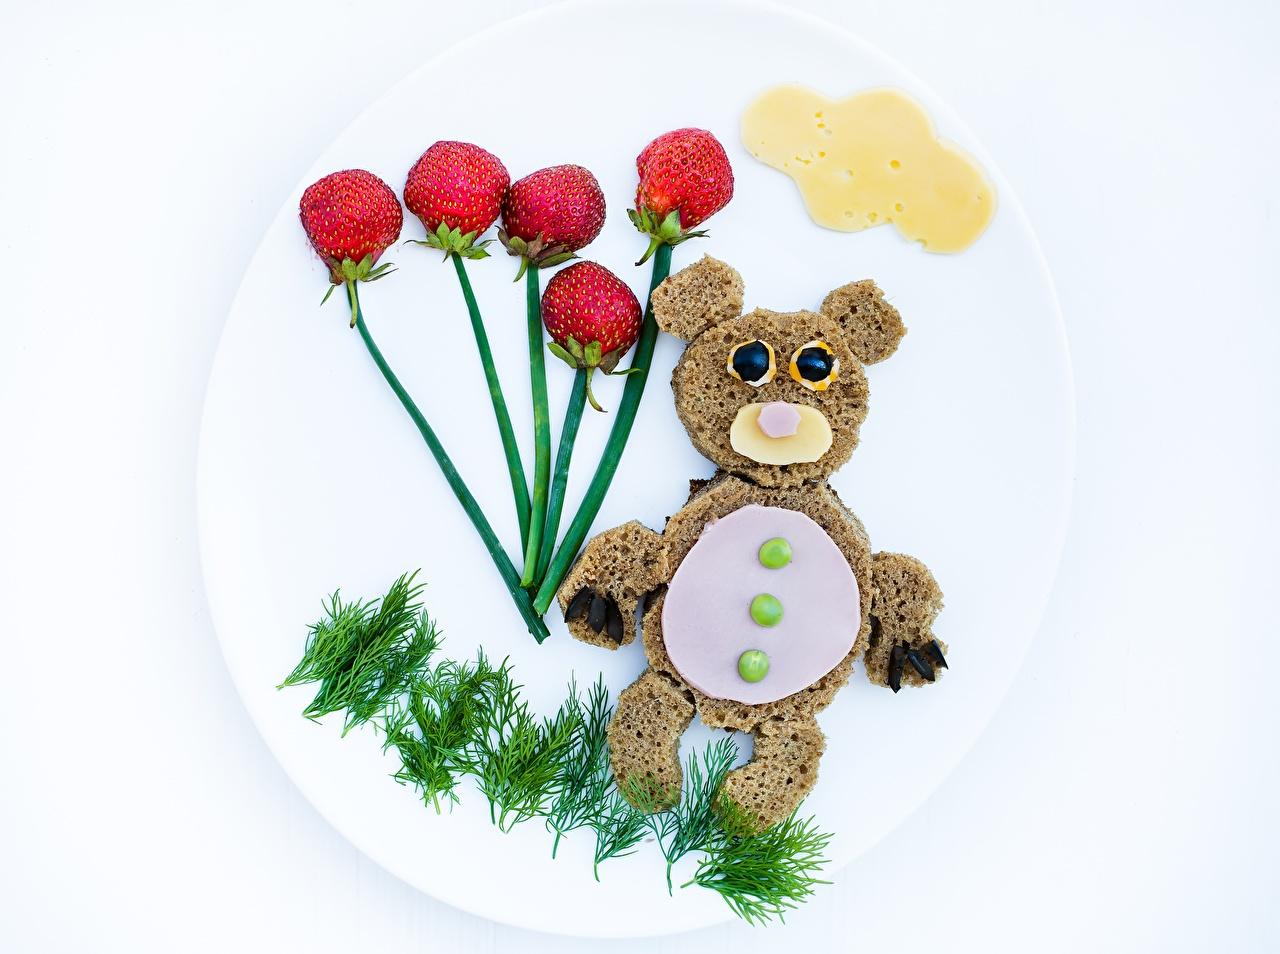 Desktop Hintergrundbilder Bären Dill Brot Käse Kreativ Erdbeeren Beere Teller das Essen ein Bär kreative originelle Lebensmittel